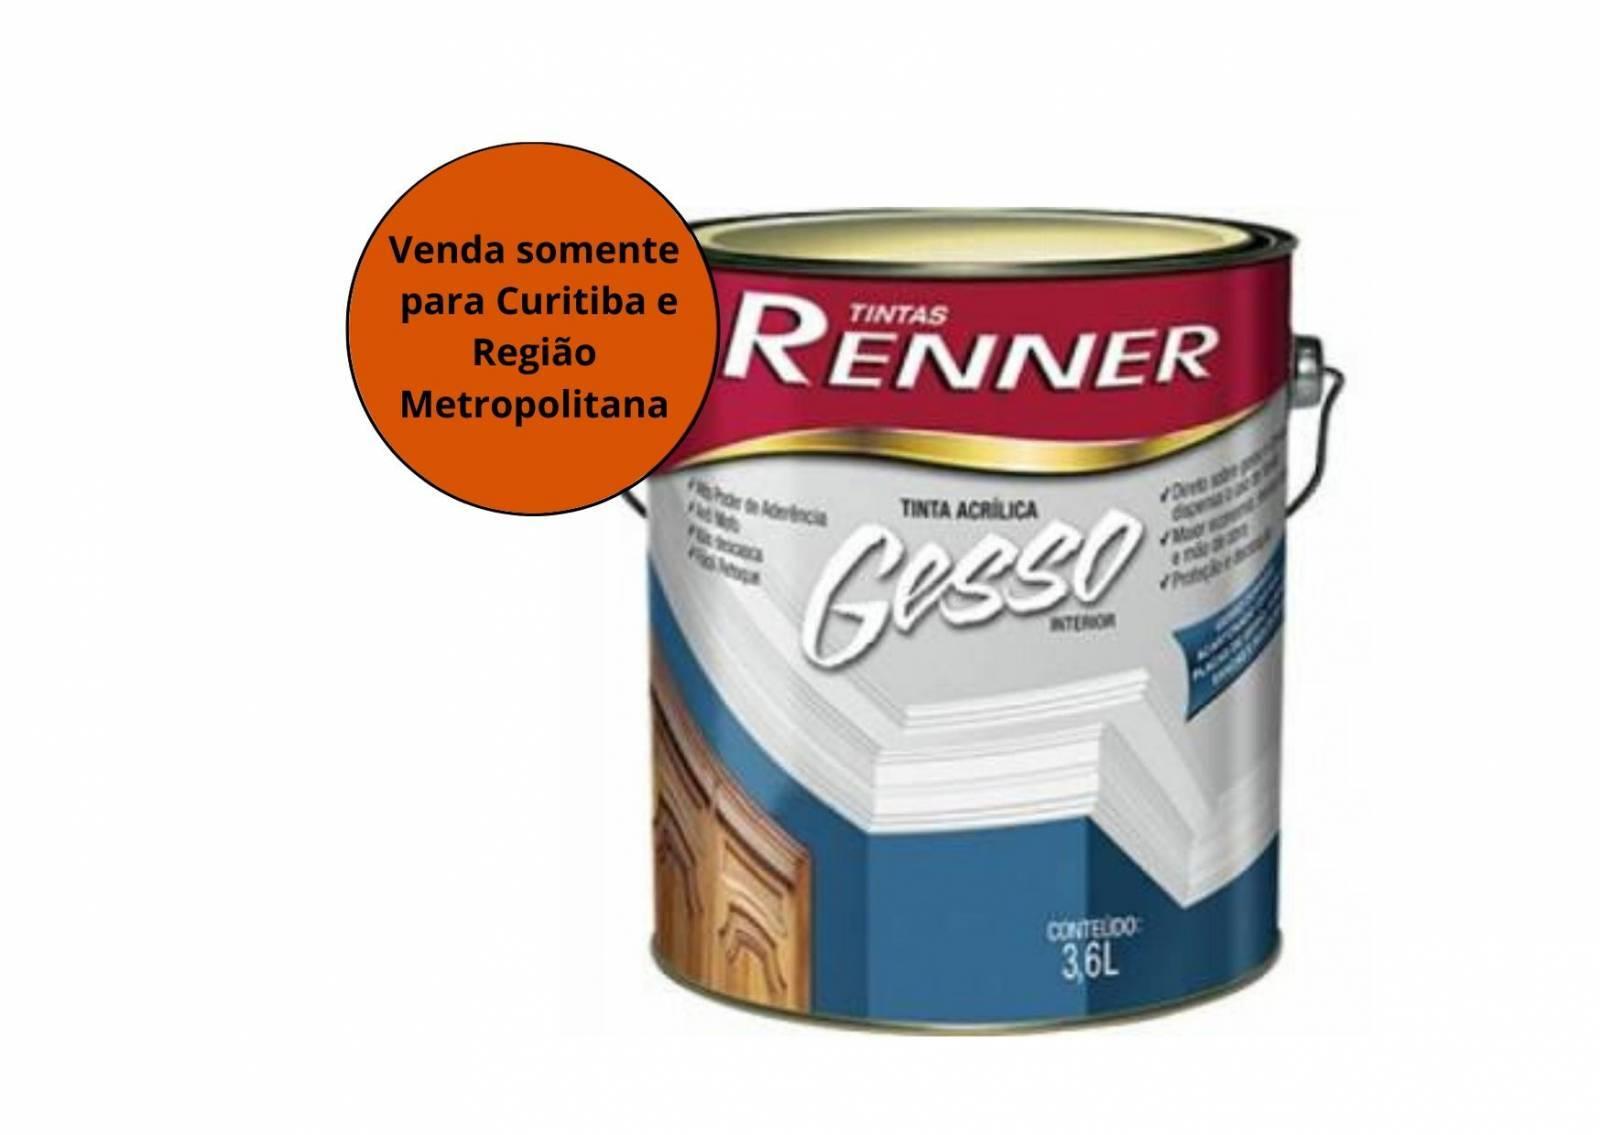 Tinta  Acrílico Gesso Branco Renner - MATERGI MATERIAIS DE CONSTRUÇÃO